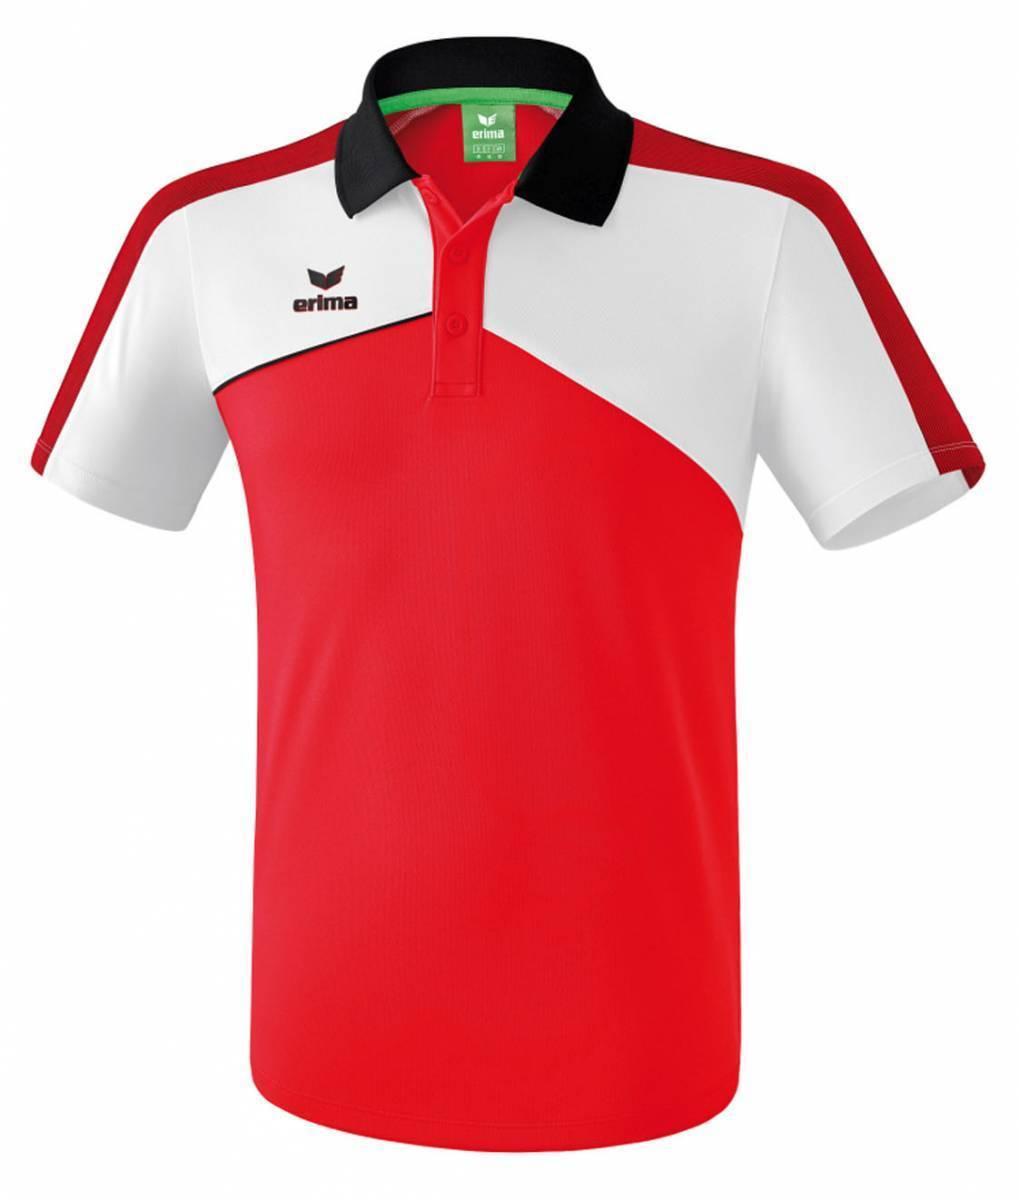 Erima Premium One 2.0 Poloshirt Poloshirt Poloshirt rot-weiß-schwarz NEU 91100 39b026